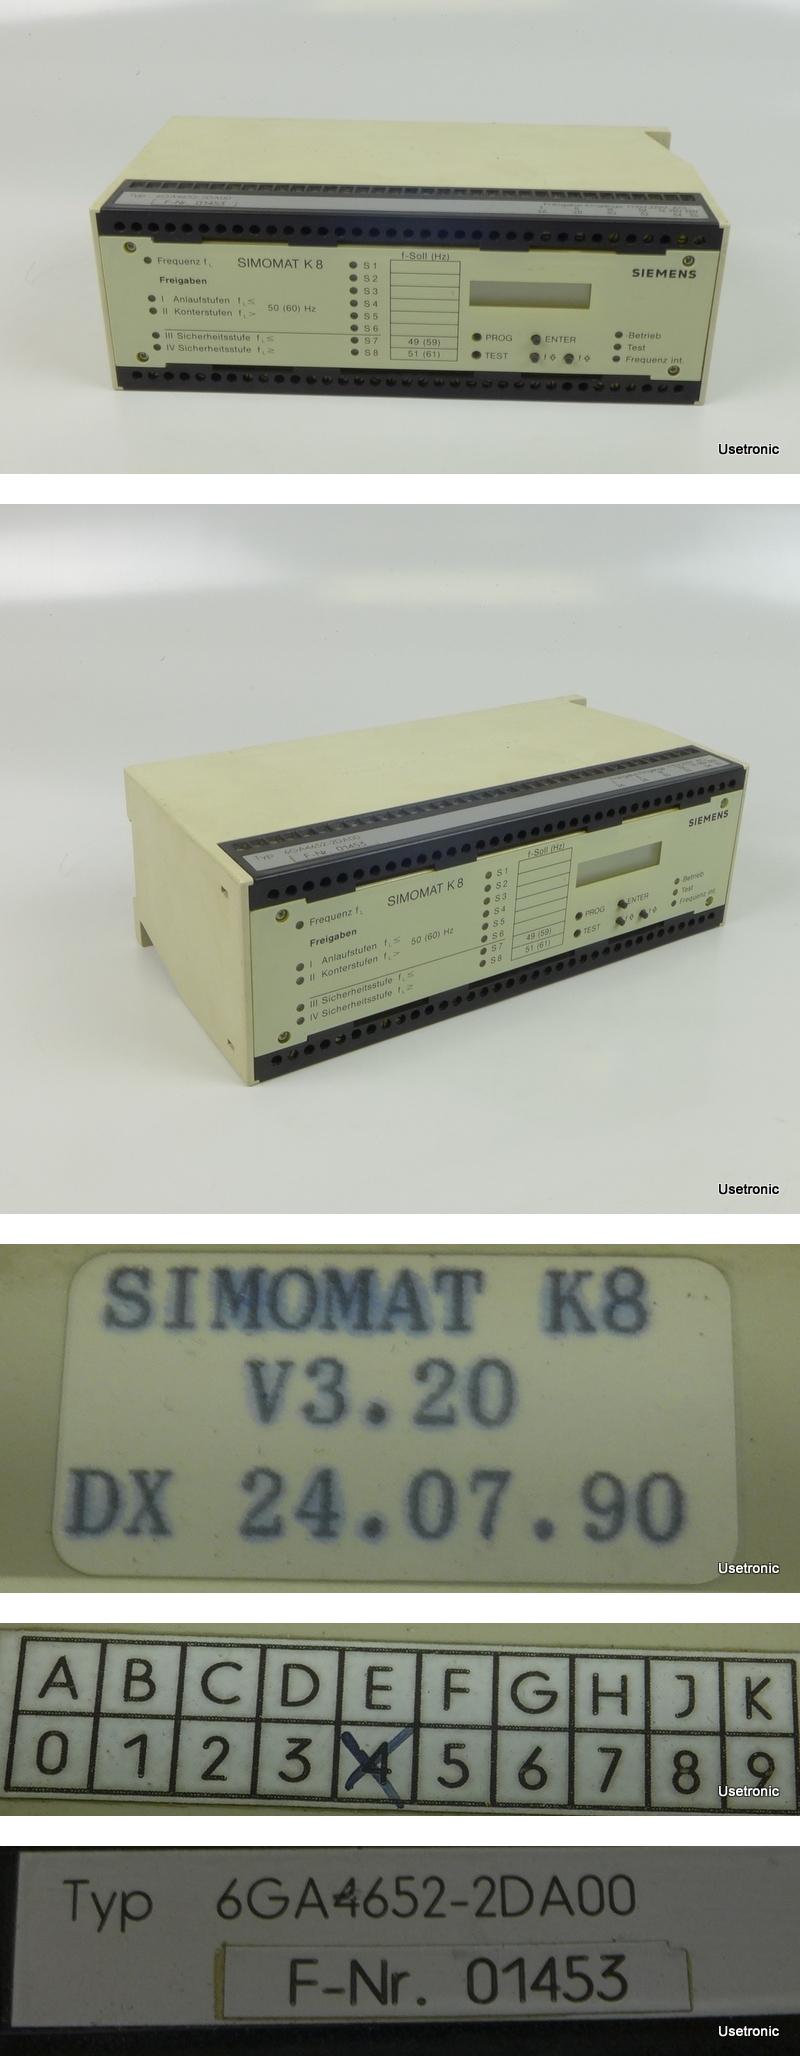 Siemens Simomat K8 6GA4652-2DA00